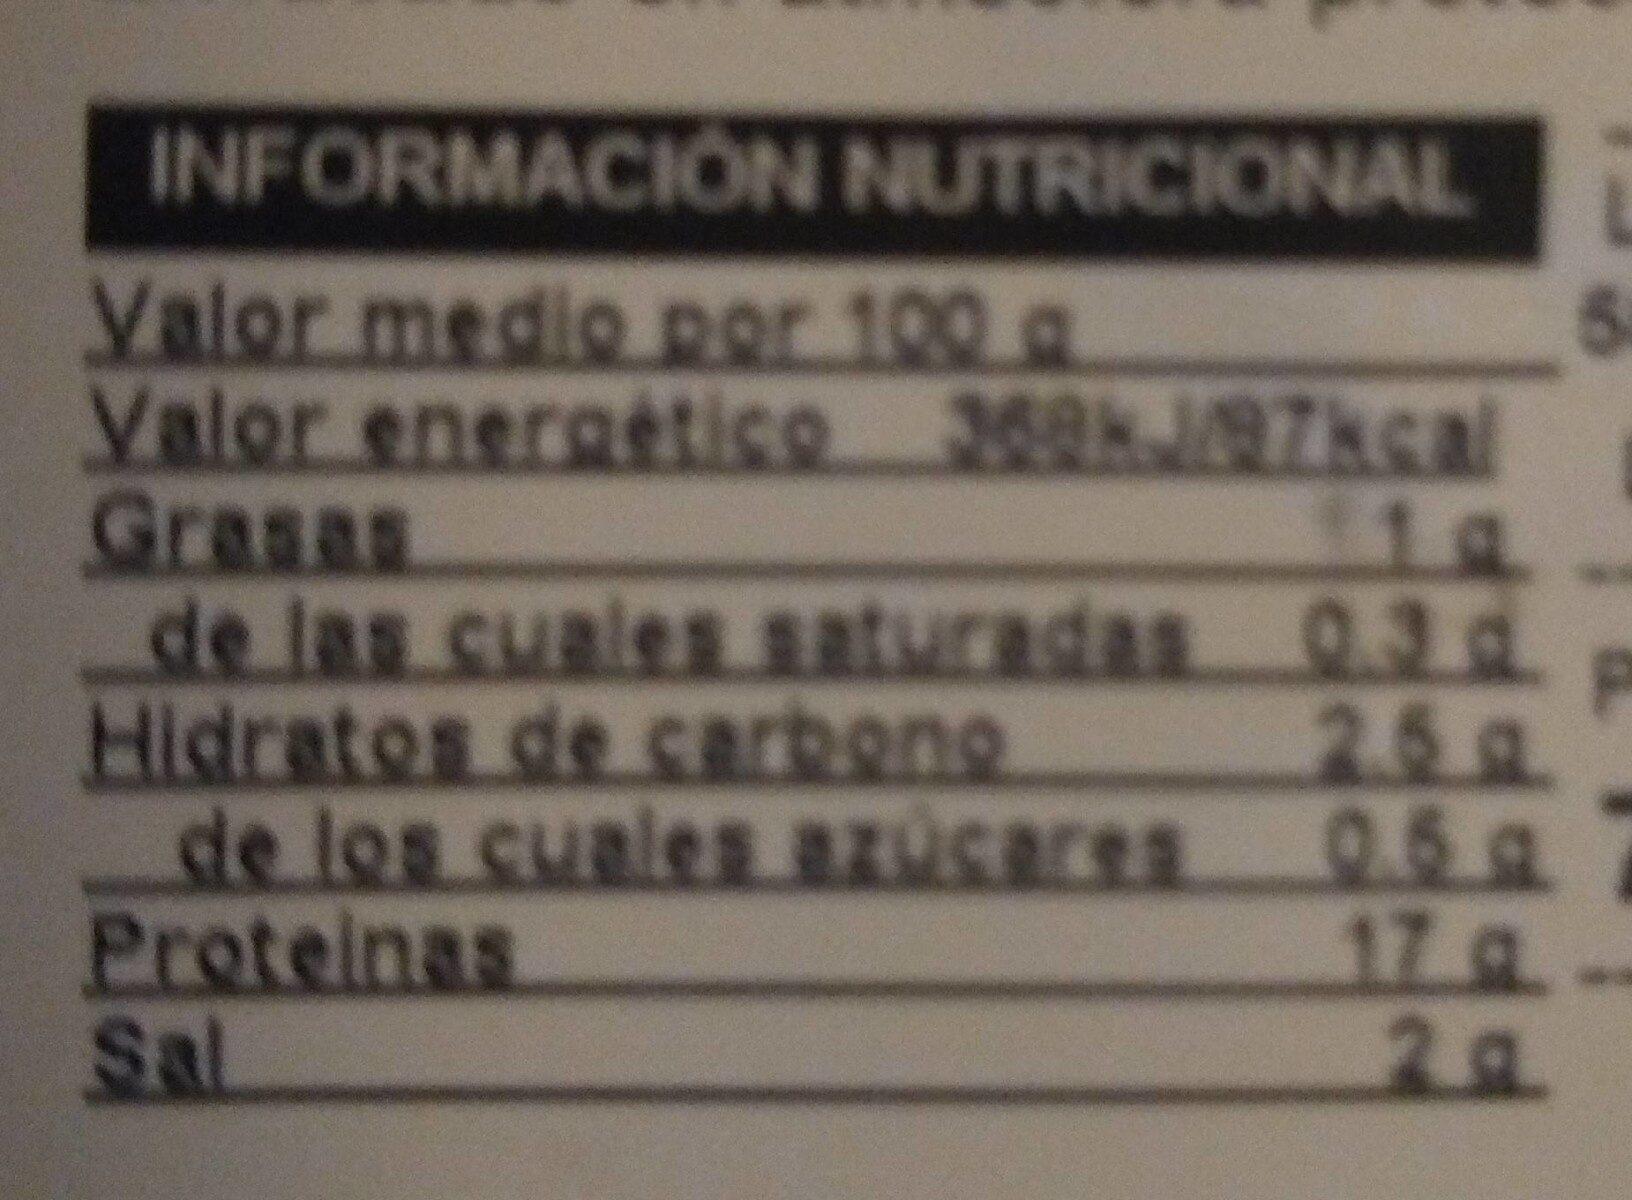 Finíssim de pit de gall d'indi - Informació nutricional